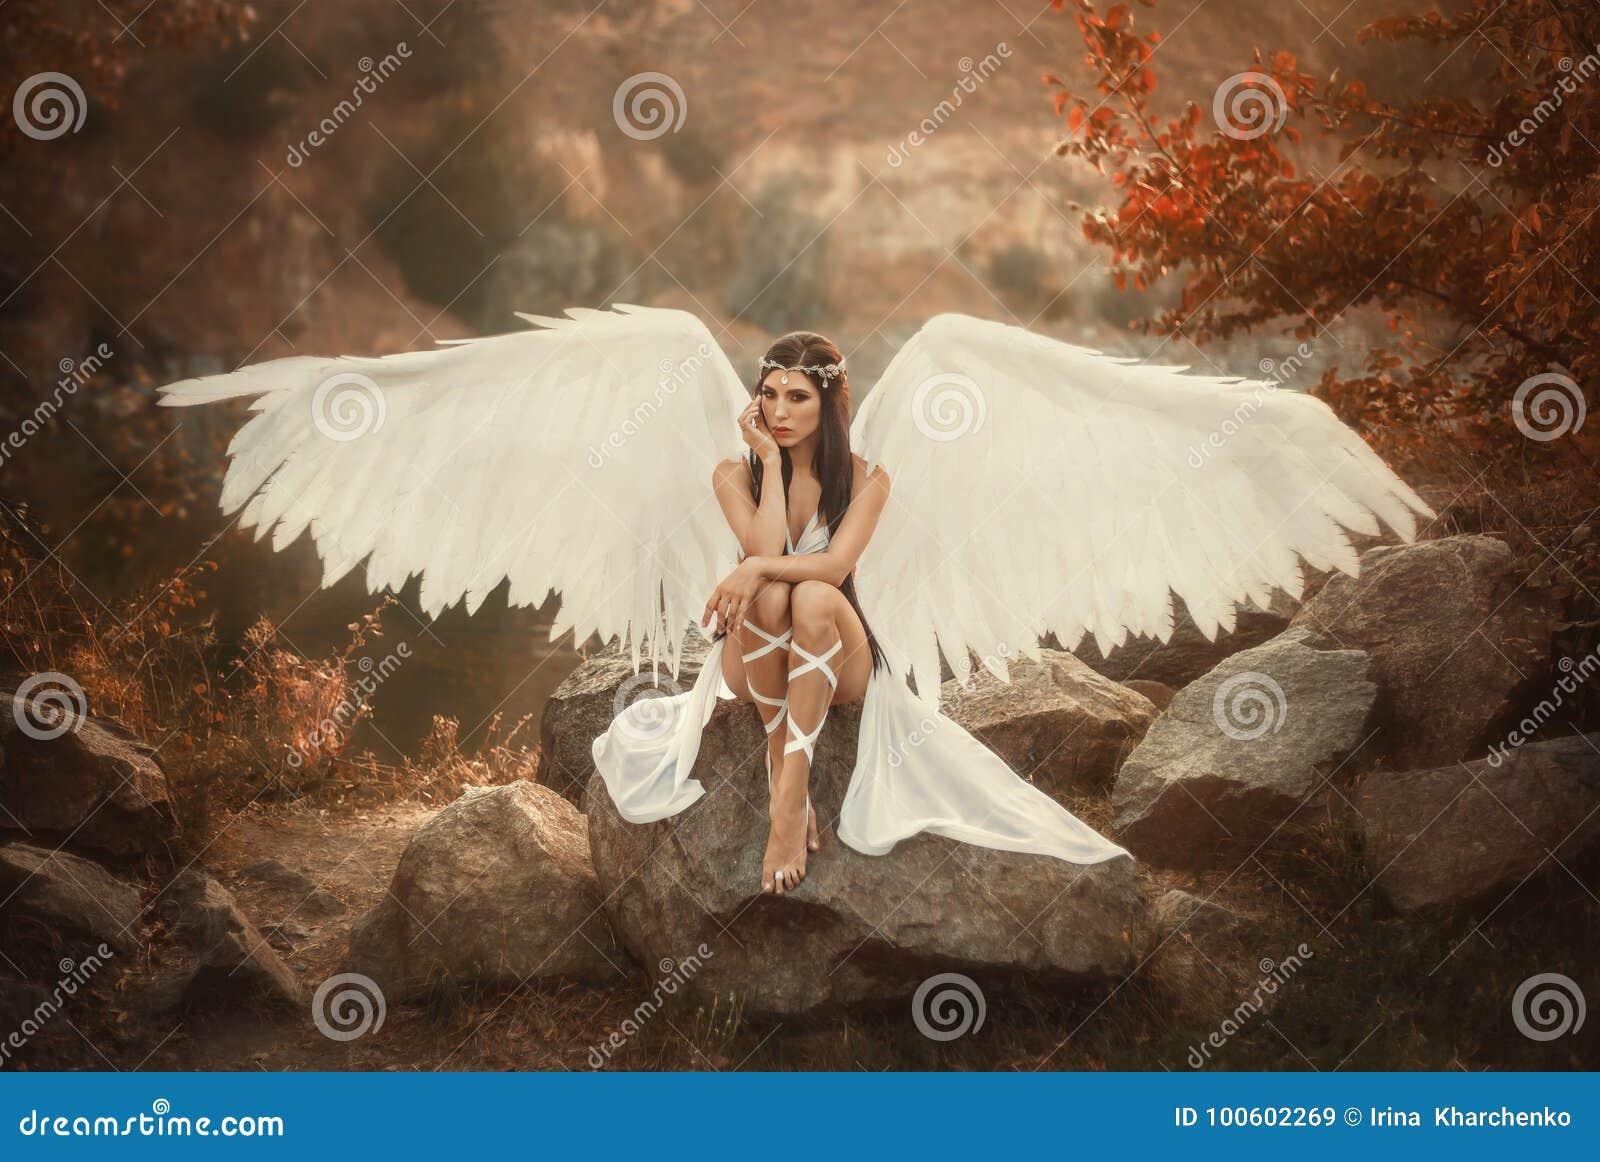 Ένας όμορφος λευκός αρχάγγελος